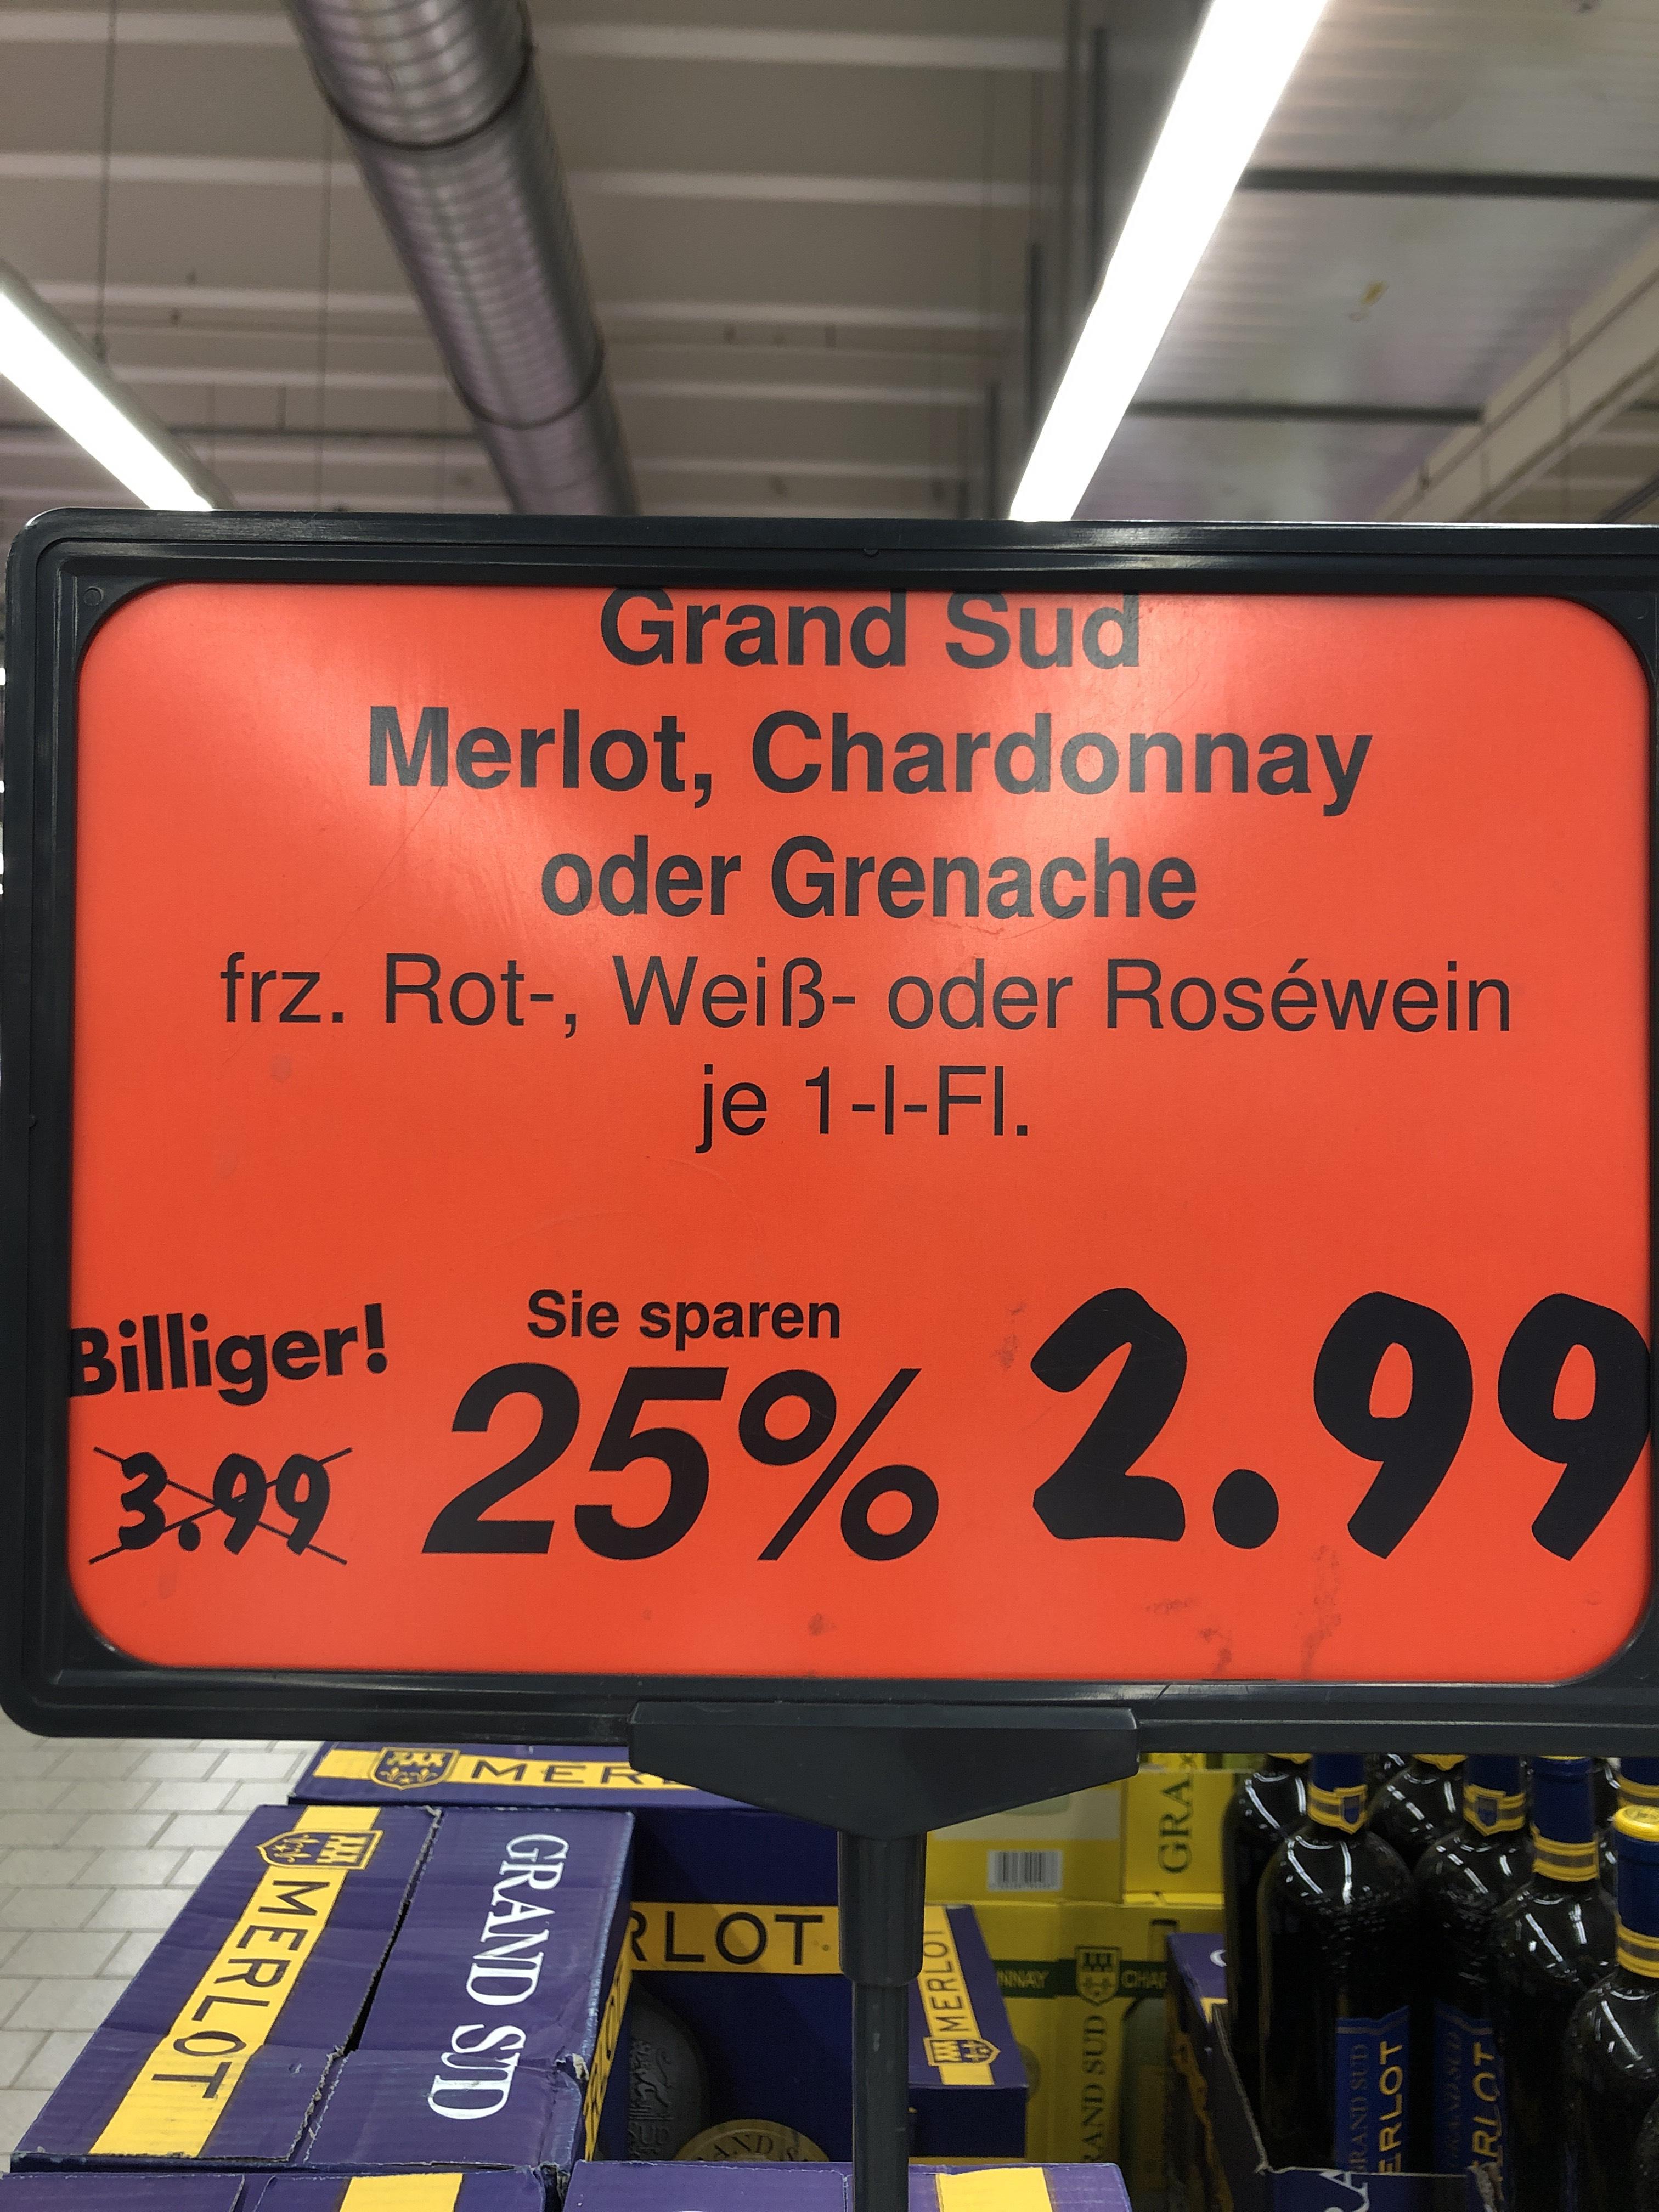 [ Lokal Kaufland Tübingen] Grand Sud - 1 Liter Flasche